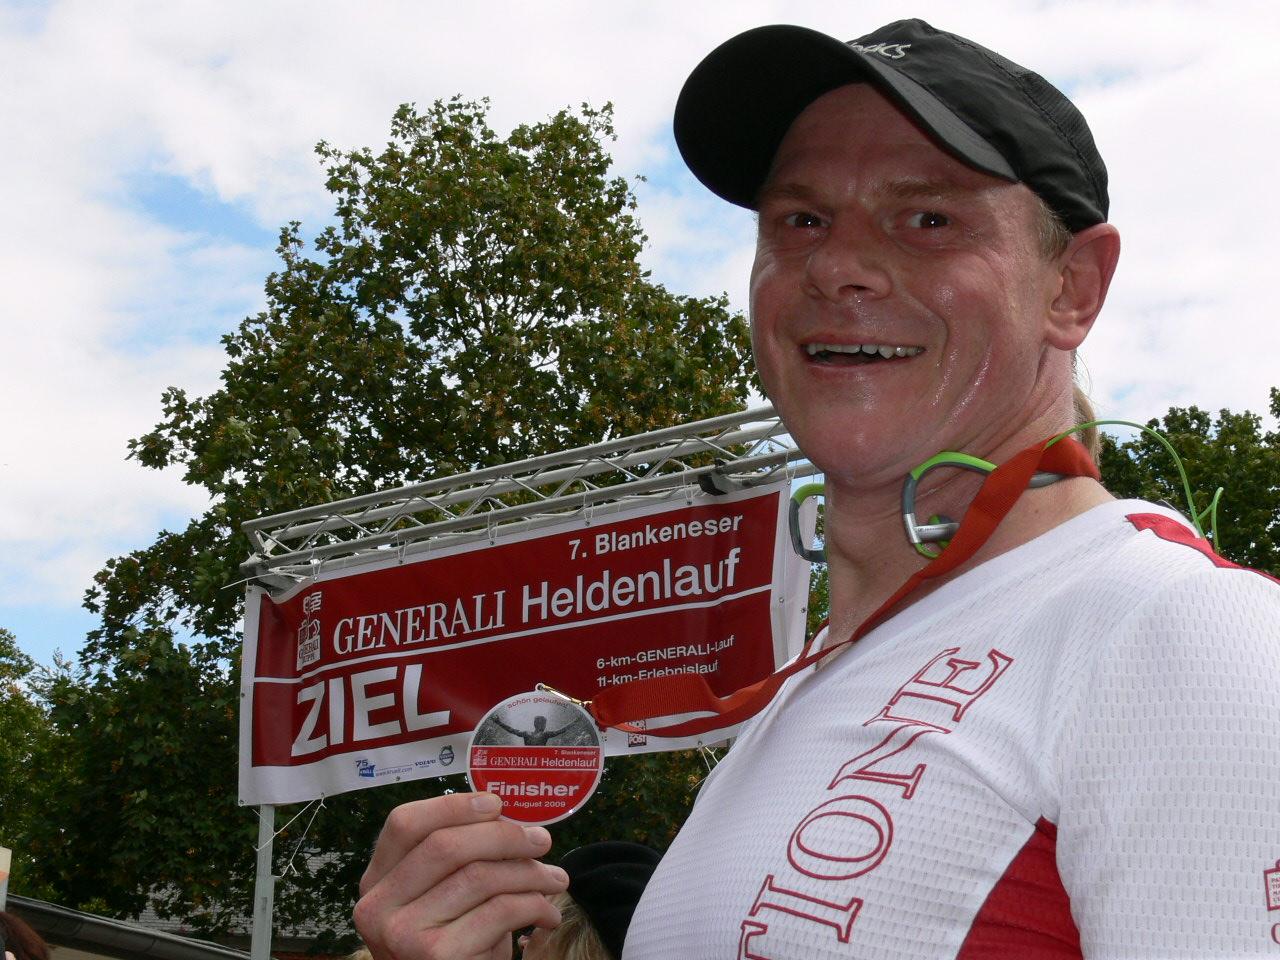 Sven Riemann Finisher Halbmarathon Heldenlauf 2009 Über mich